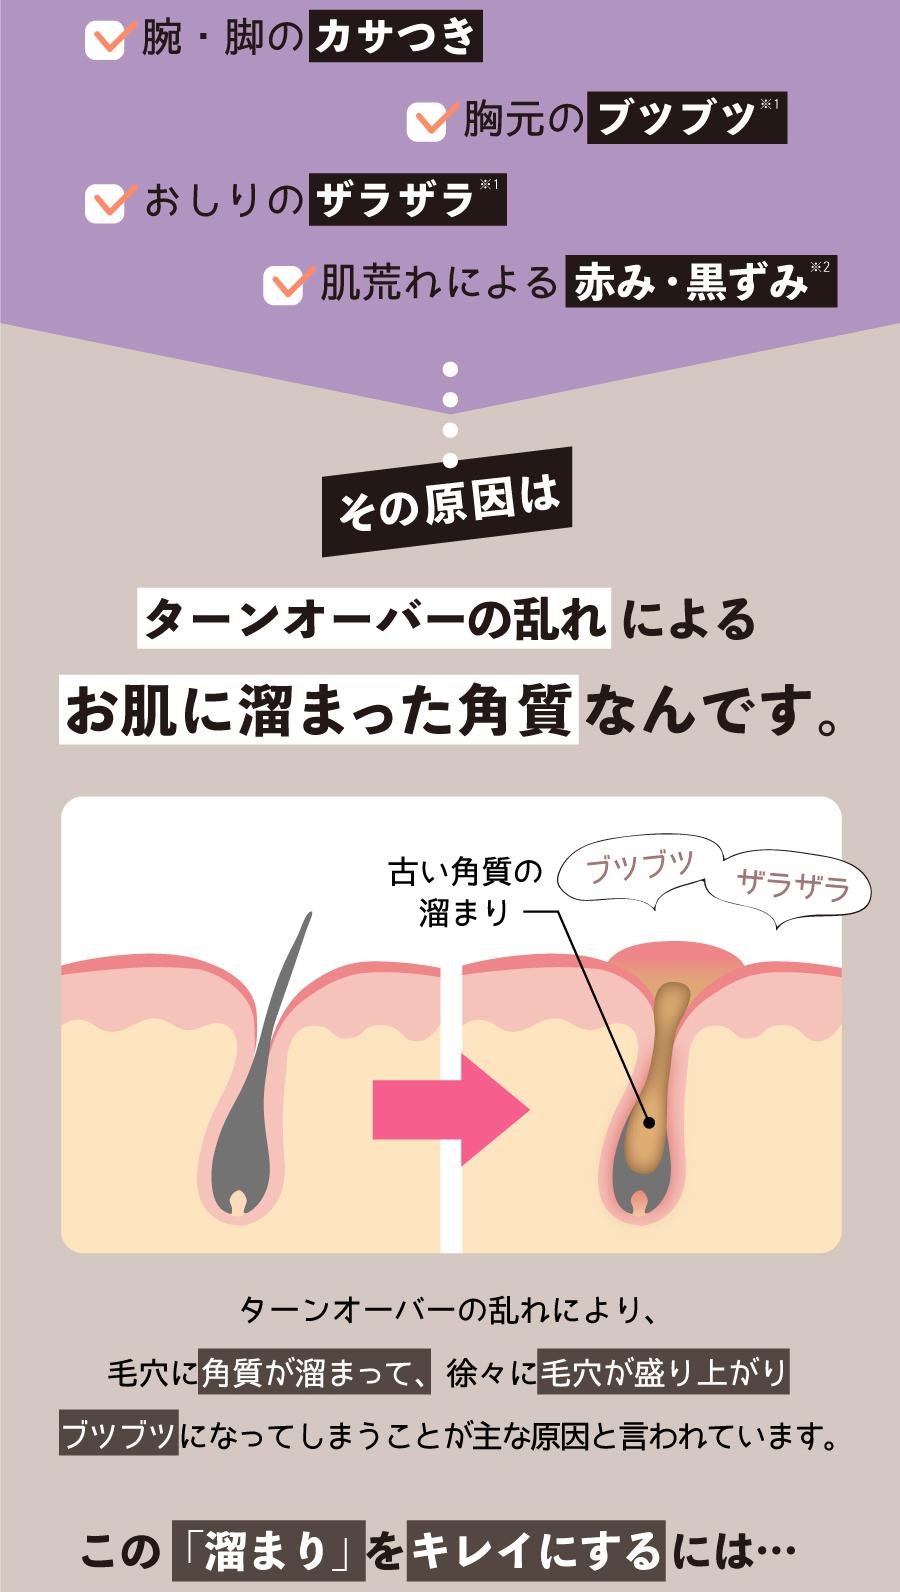 ぶつぶつ お 尻 おしりニキビは市販薬やオロナインで治るの? 原因や跡など治し方・予防法をご紹介